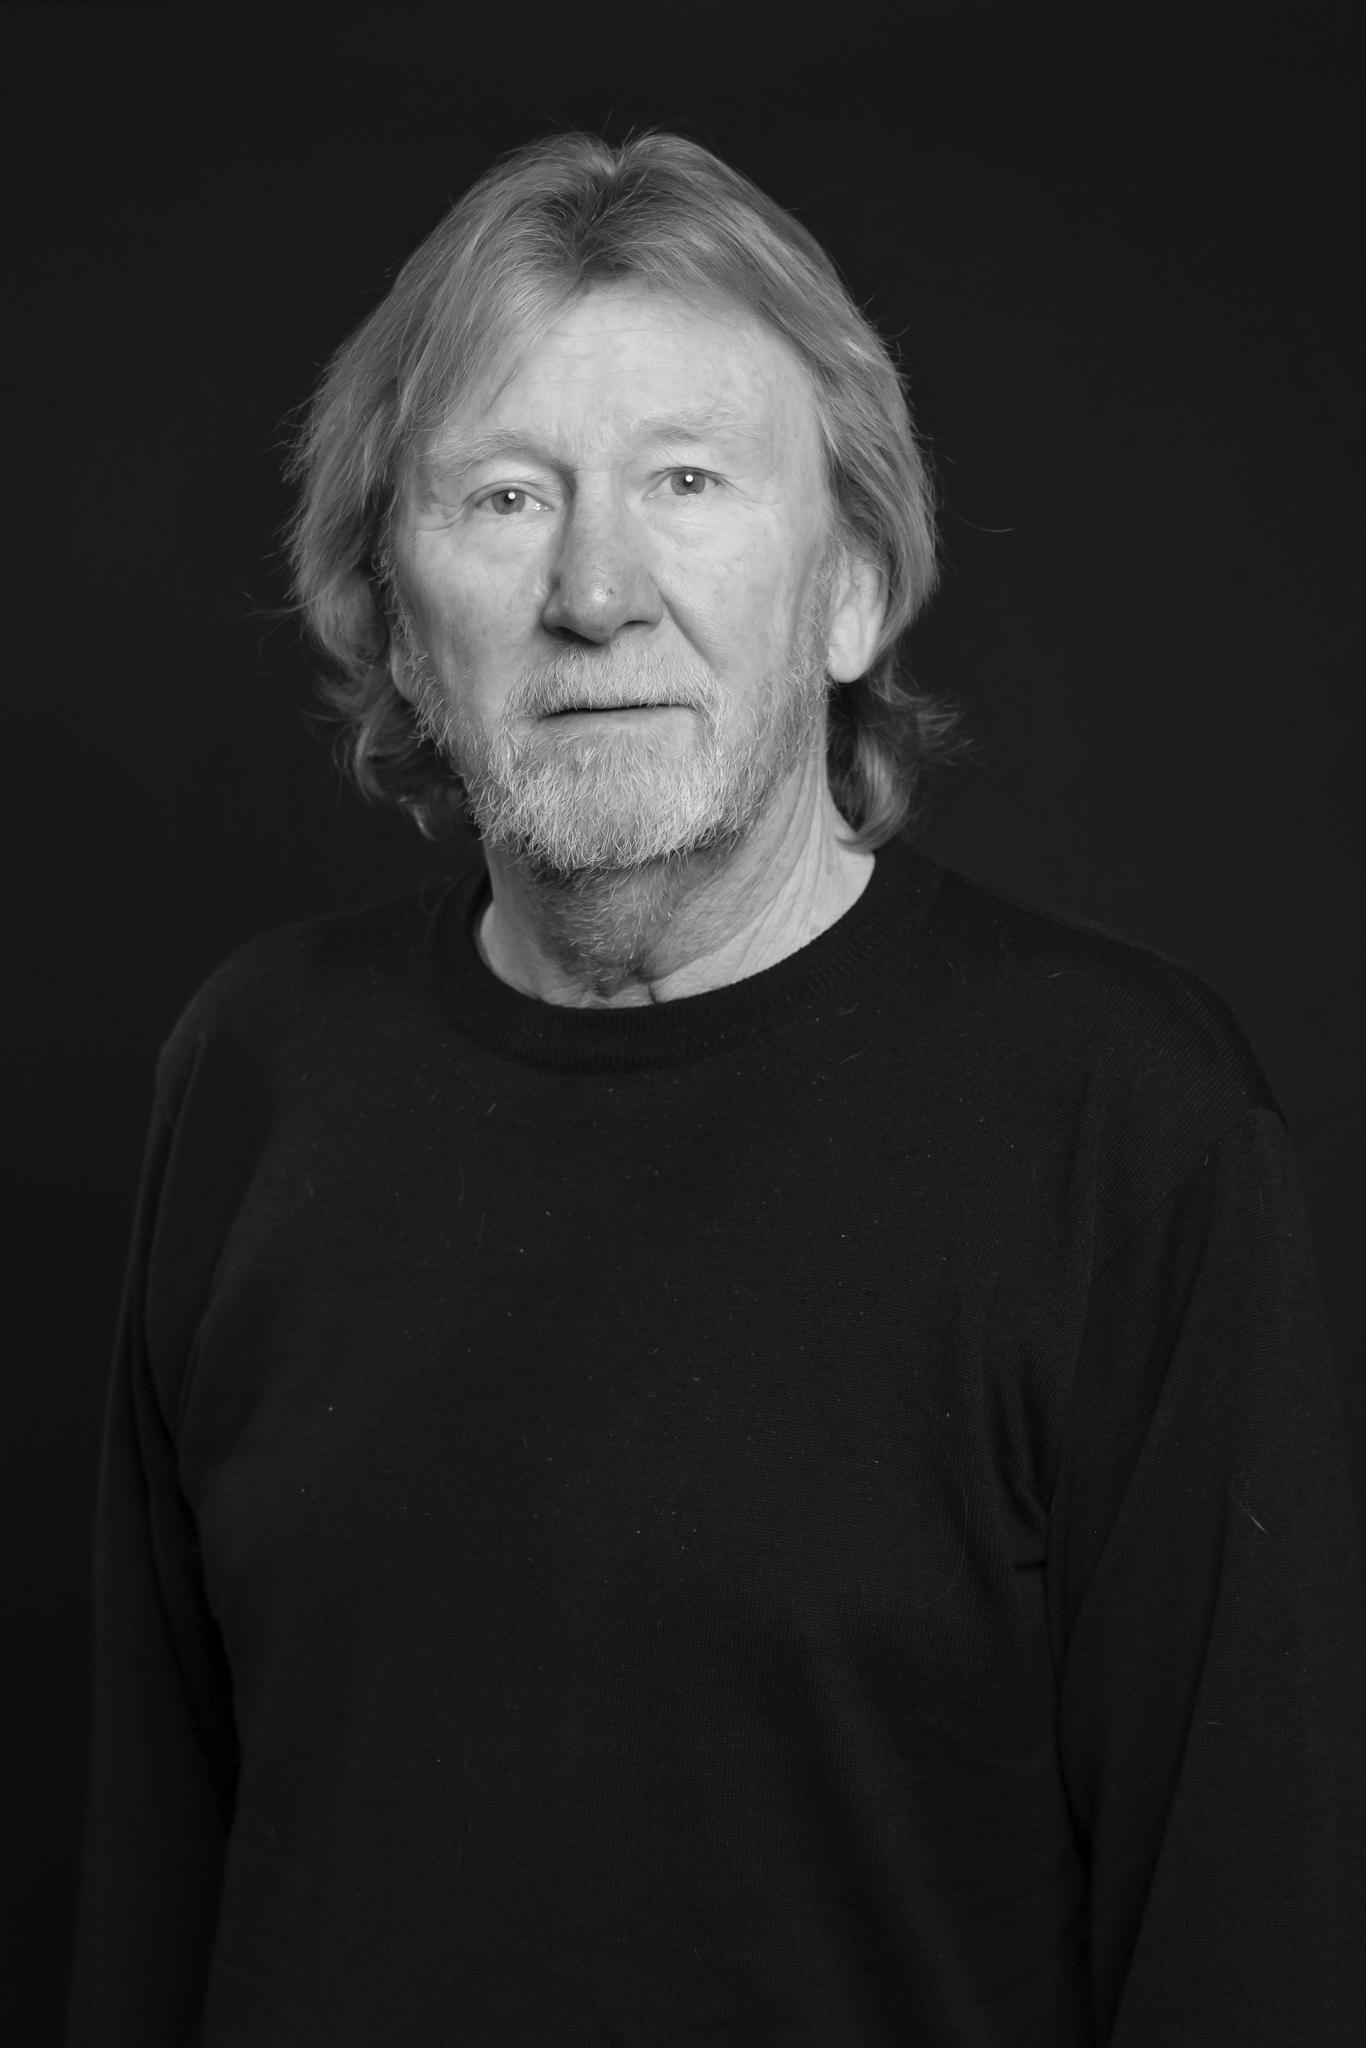 Steinar Pettersen image 1